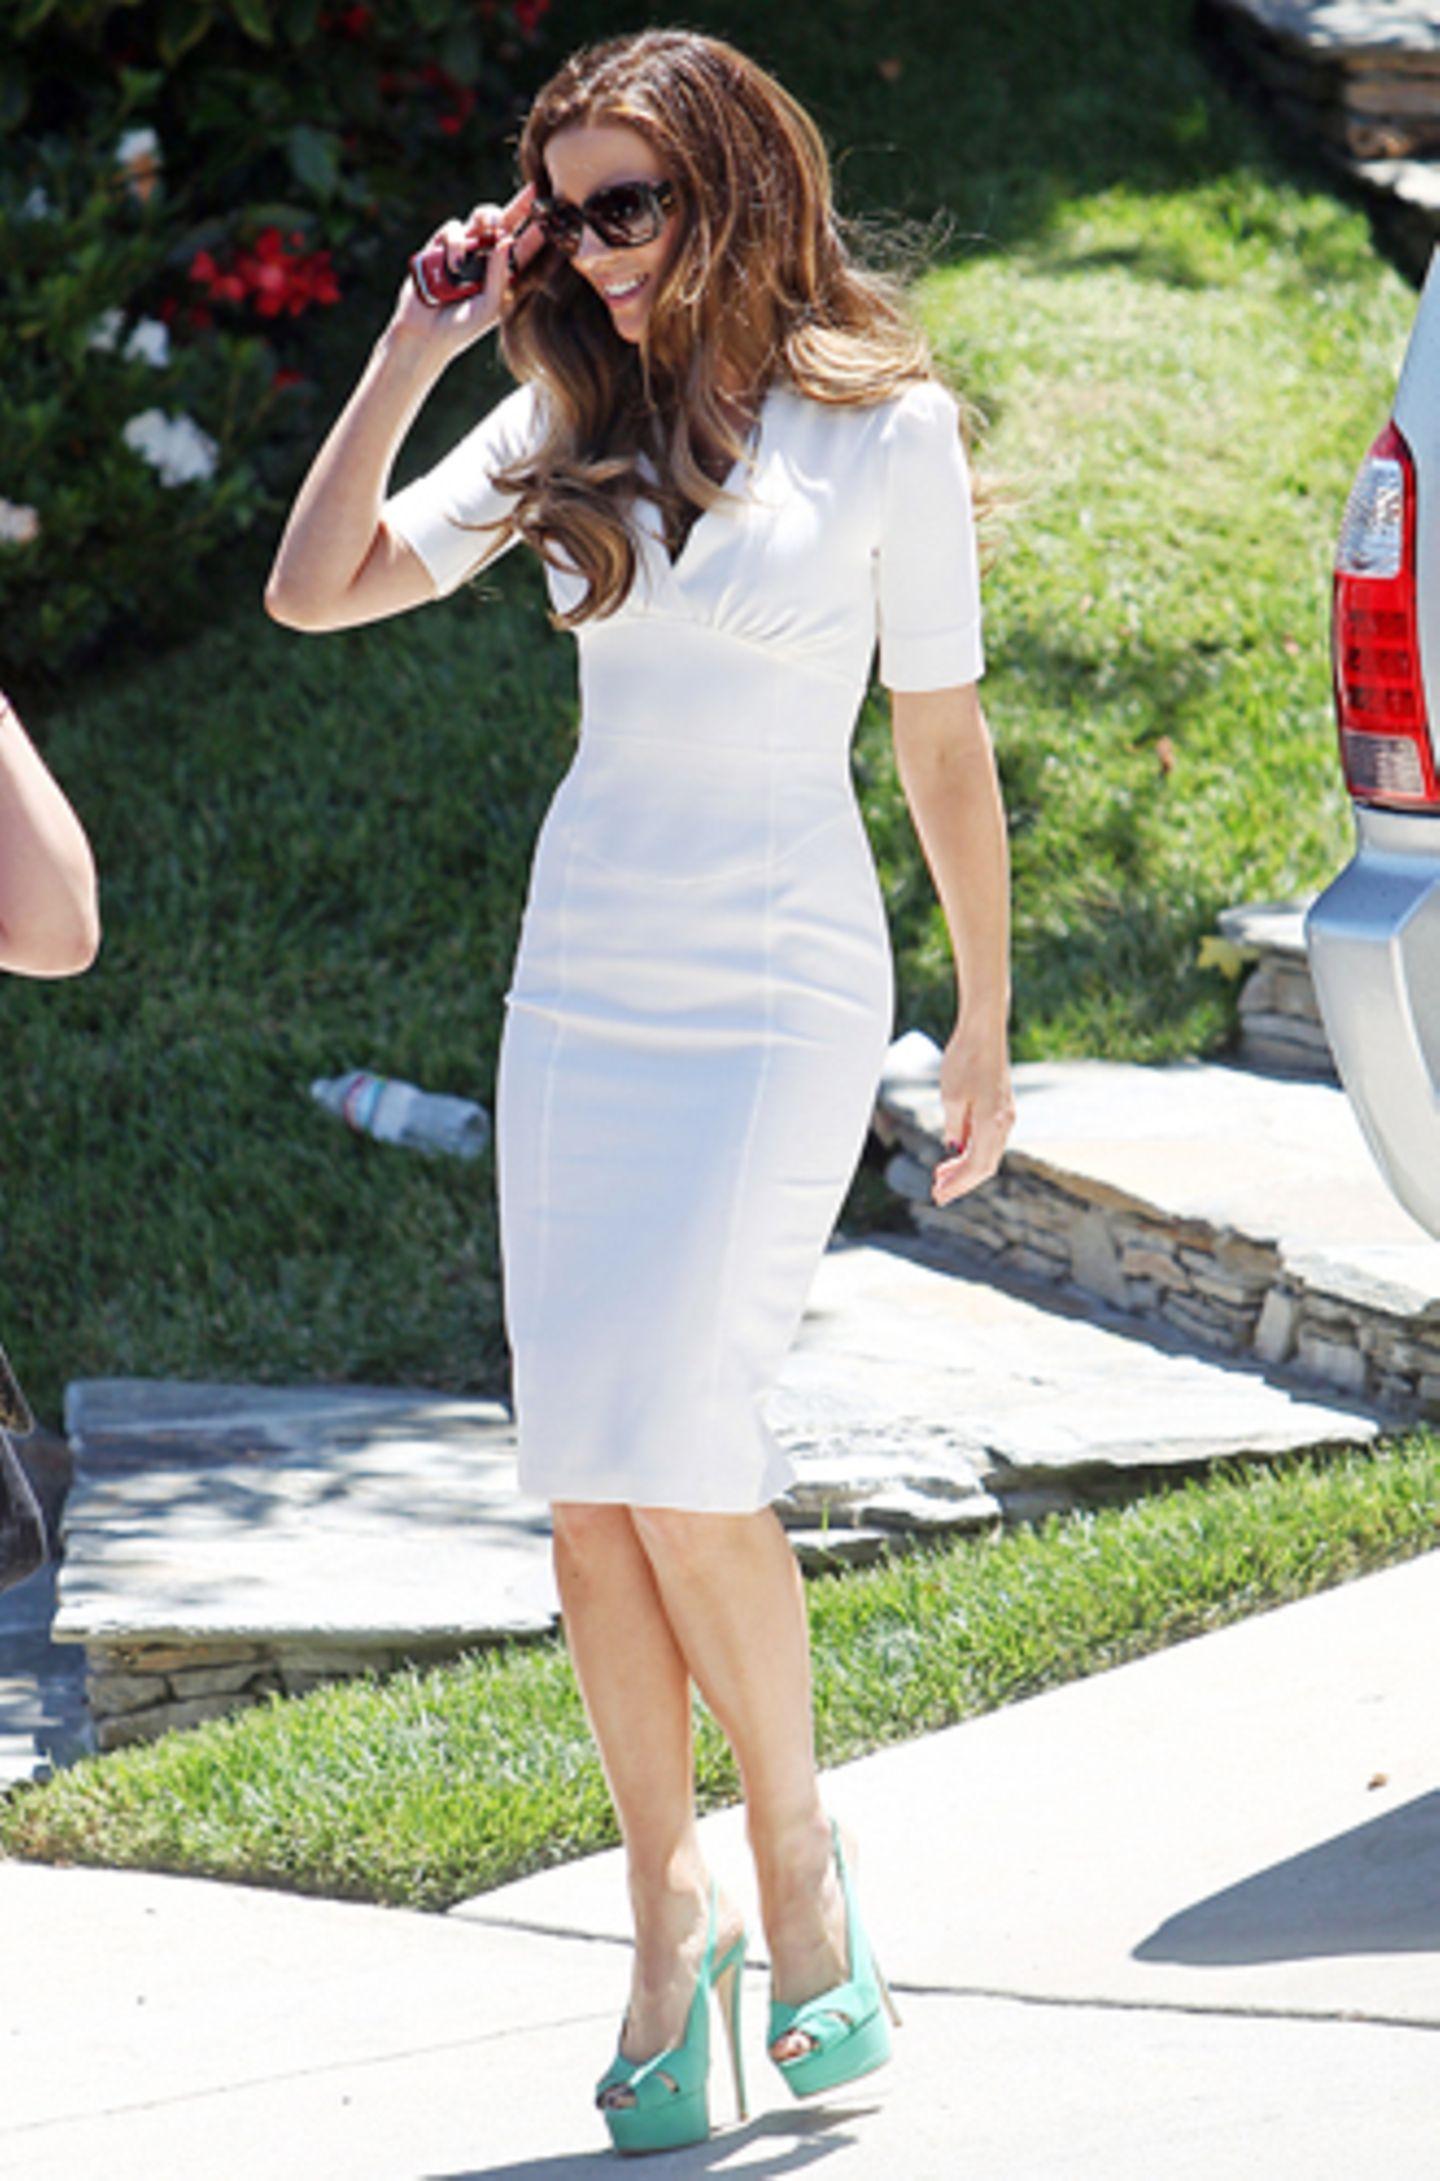 Passend zum sonnigen Wetter in Los Angeles trägt Kate Beckinsale ein enges weißes Kleid mit Plateau-High-Heels.